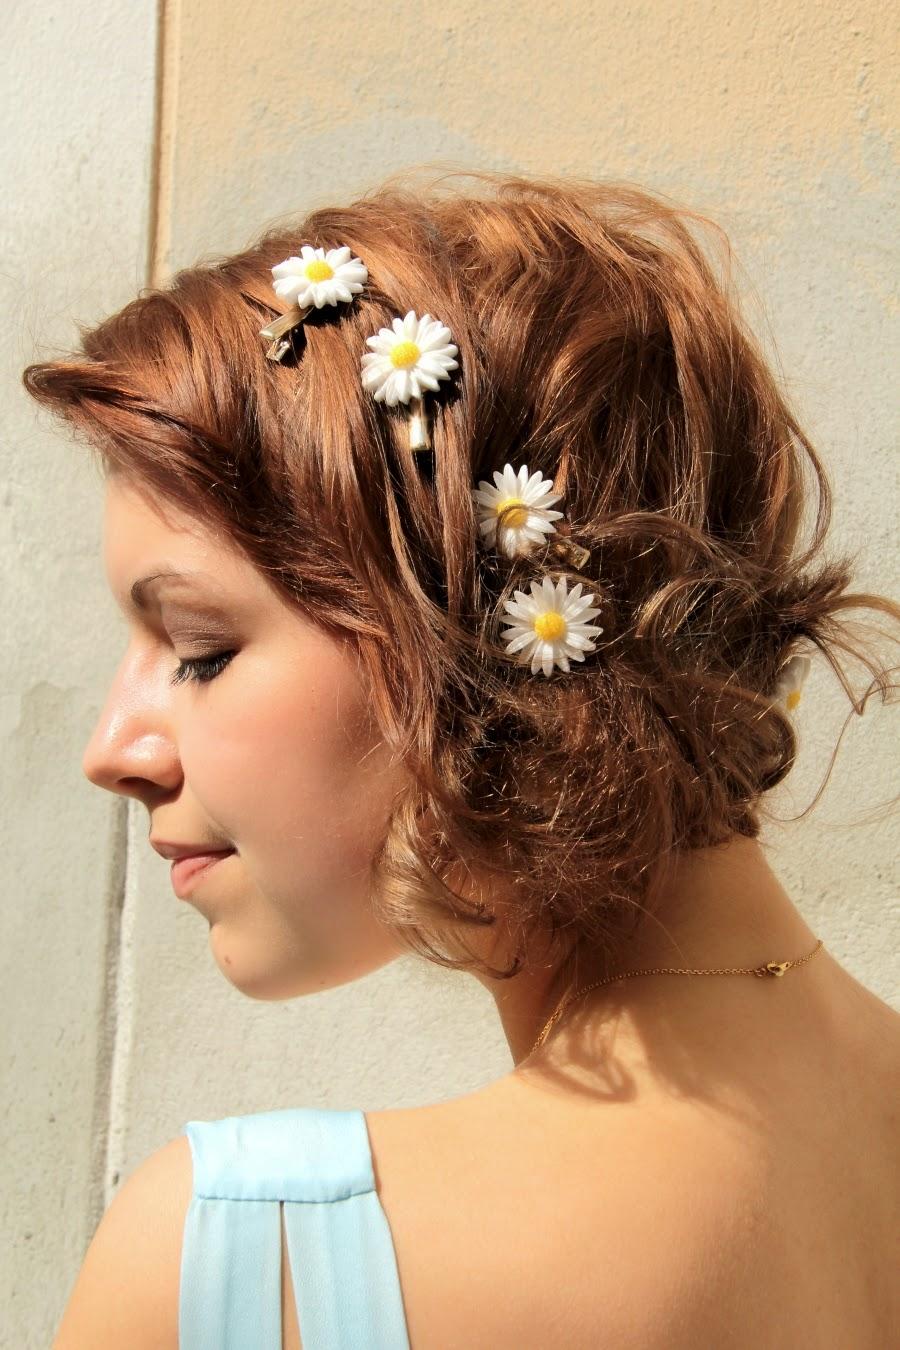 daisy hair accessoires